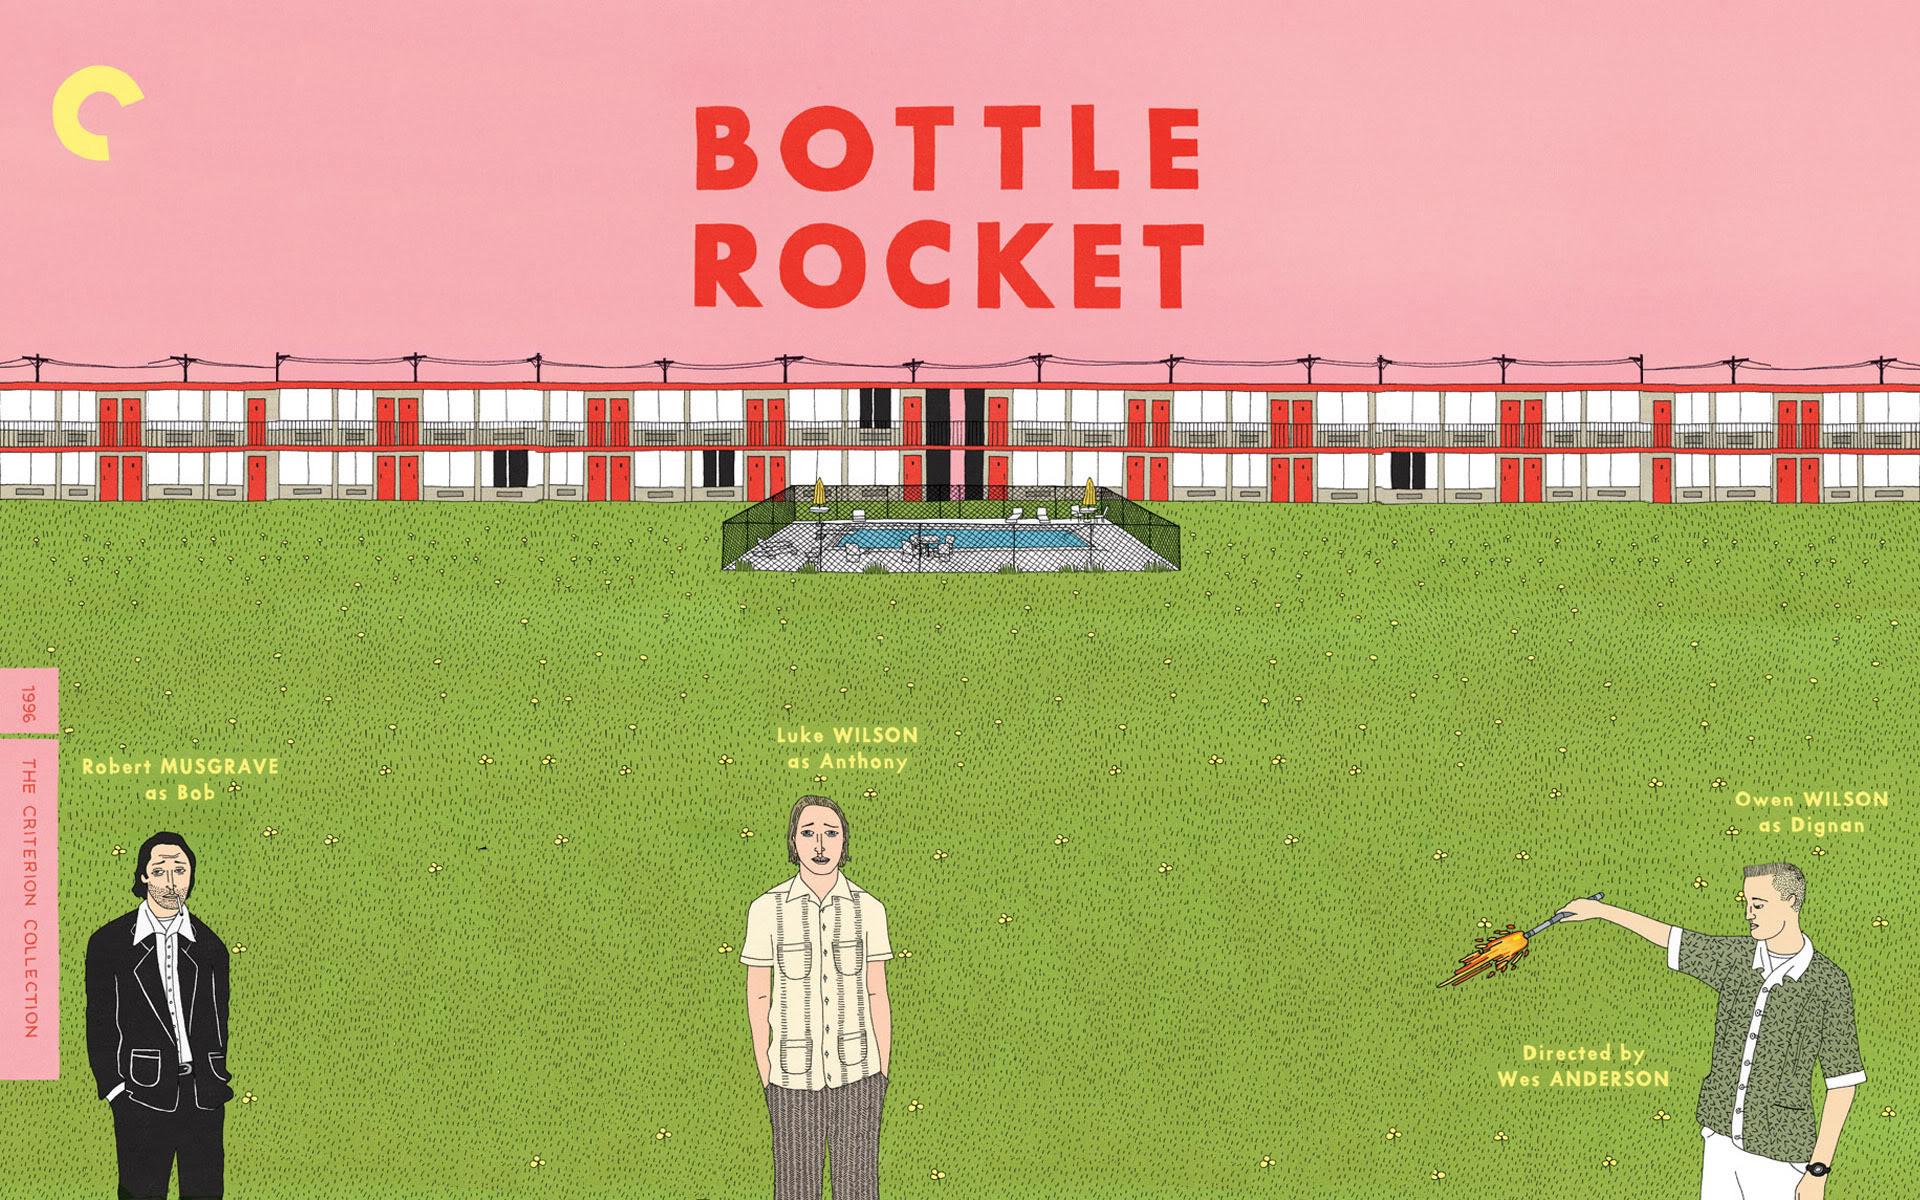 BottleRocket_Dingman.jpg